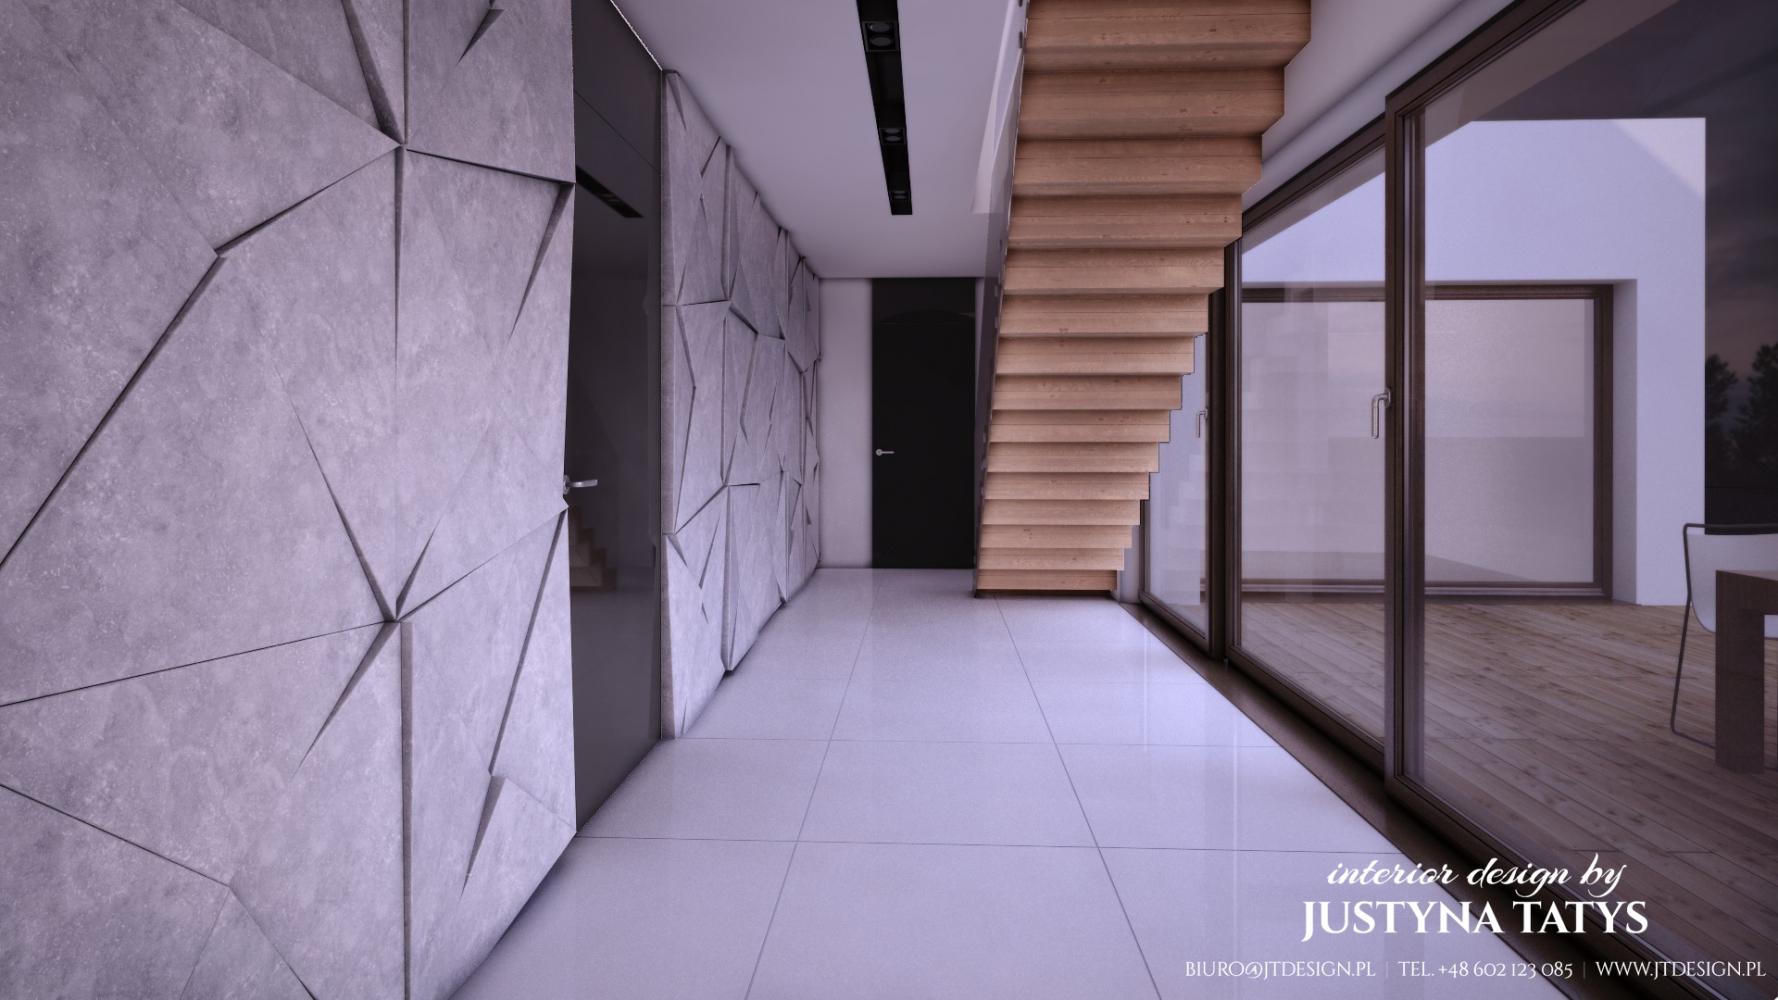 jt_design_img-41.jpg